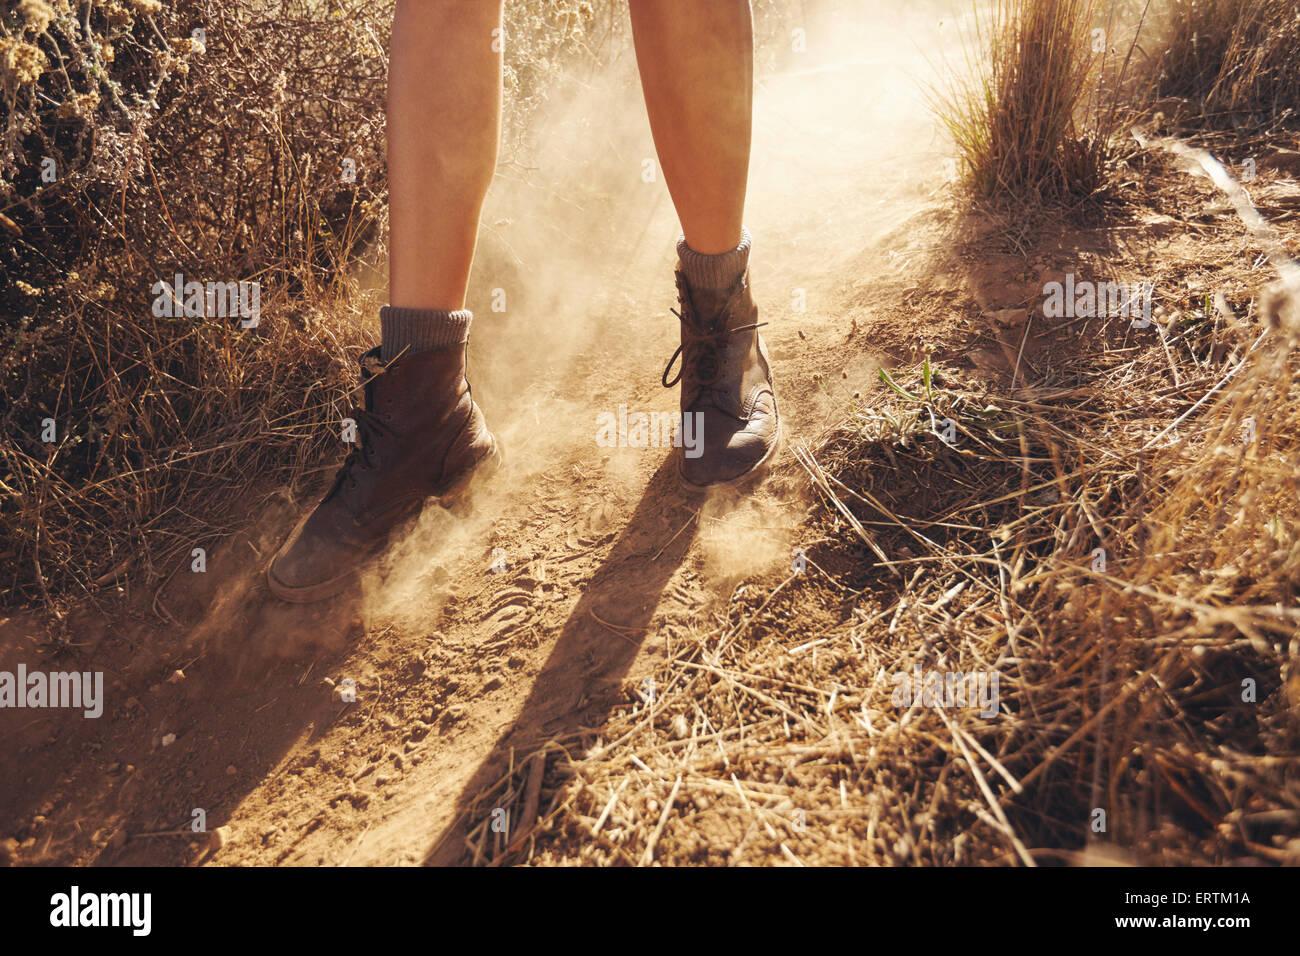 Los pies de la mujer joven como ella caminatas por un sendero de montaña con bocanada de polvo. Mujer senderismo Imagen De Stock